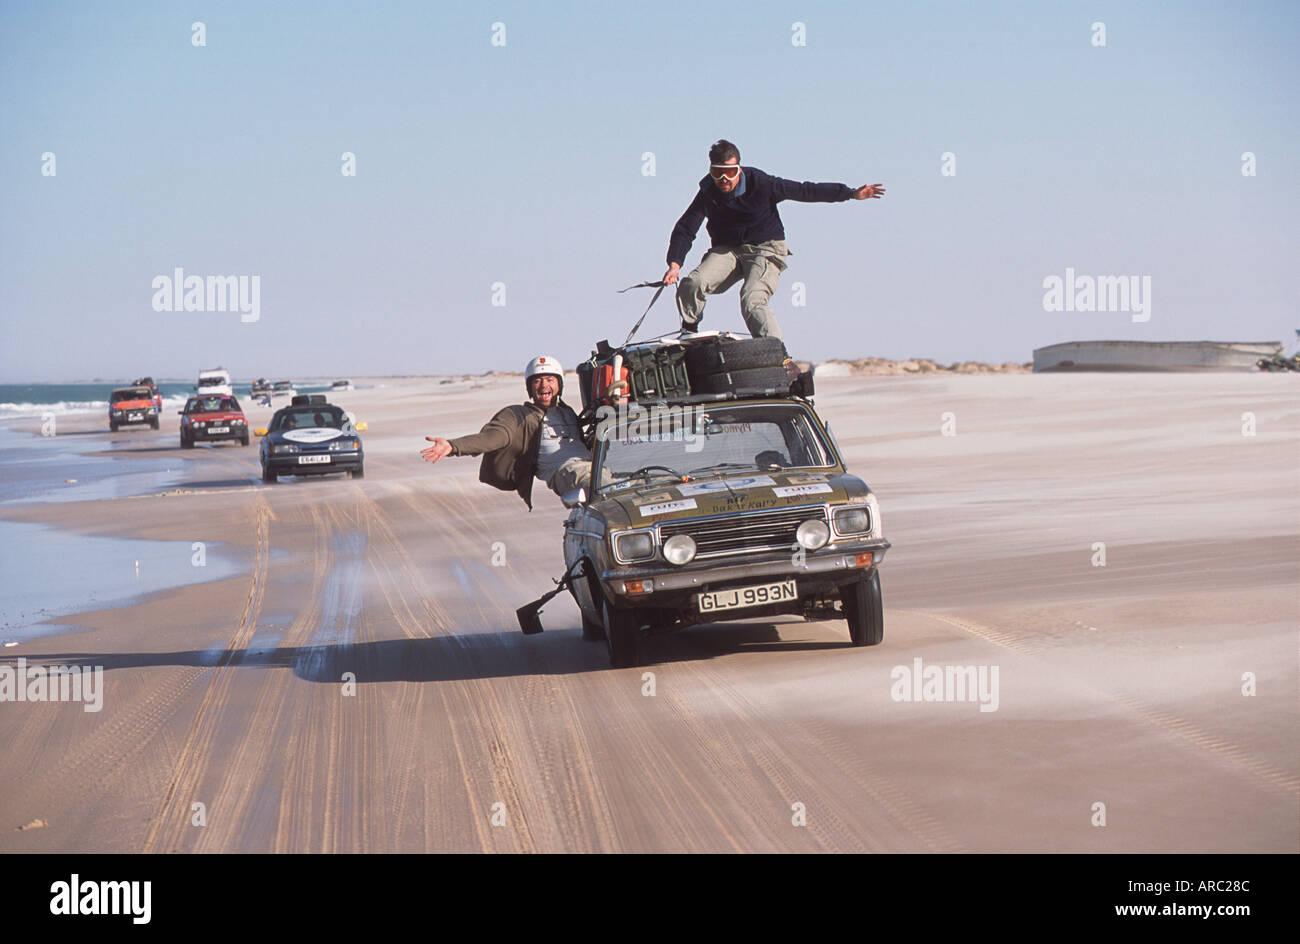 Plymouth Dakar Rally Cars Race Along The Beach Side In Mauritania Car Surfing